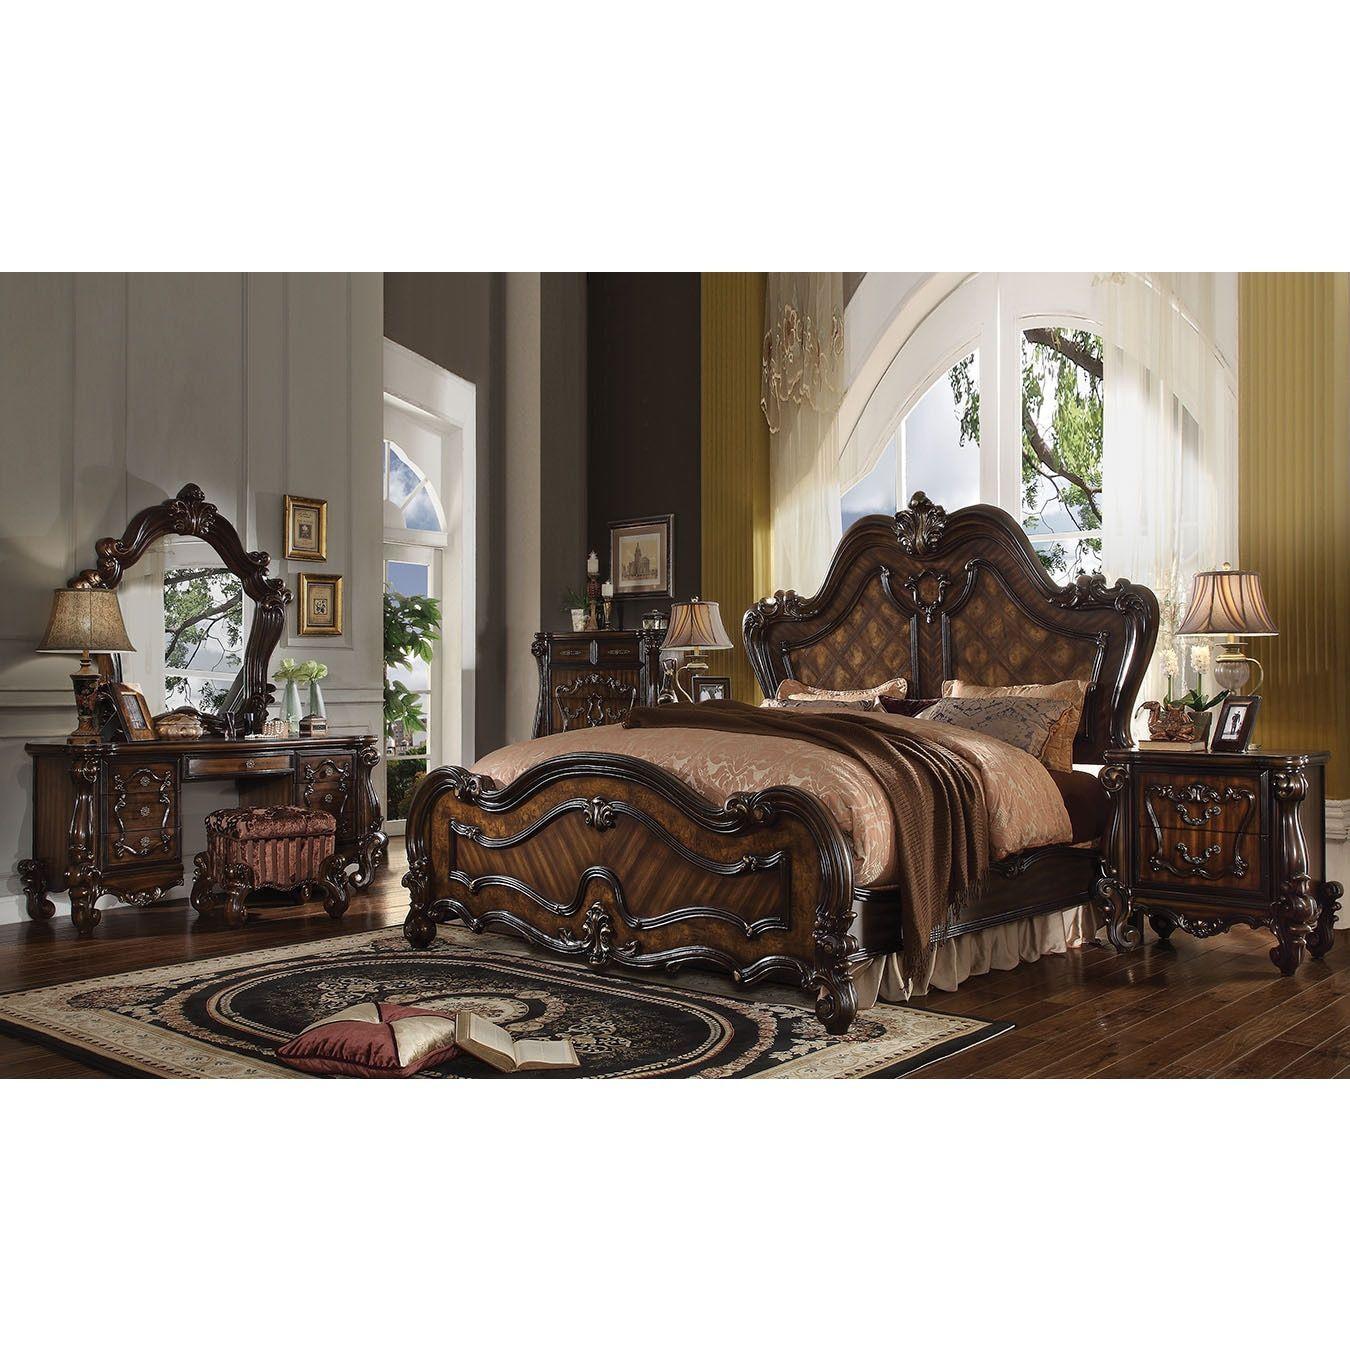 Royal Sleigh Brown Mdf Wood Veneer Bed California King